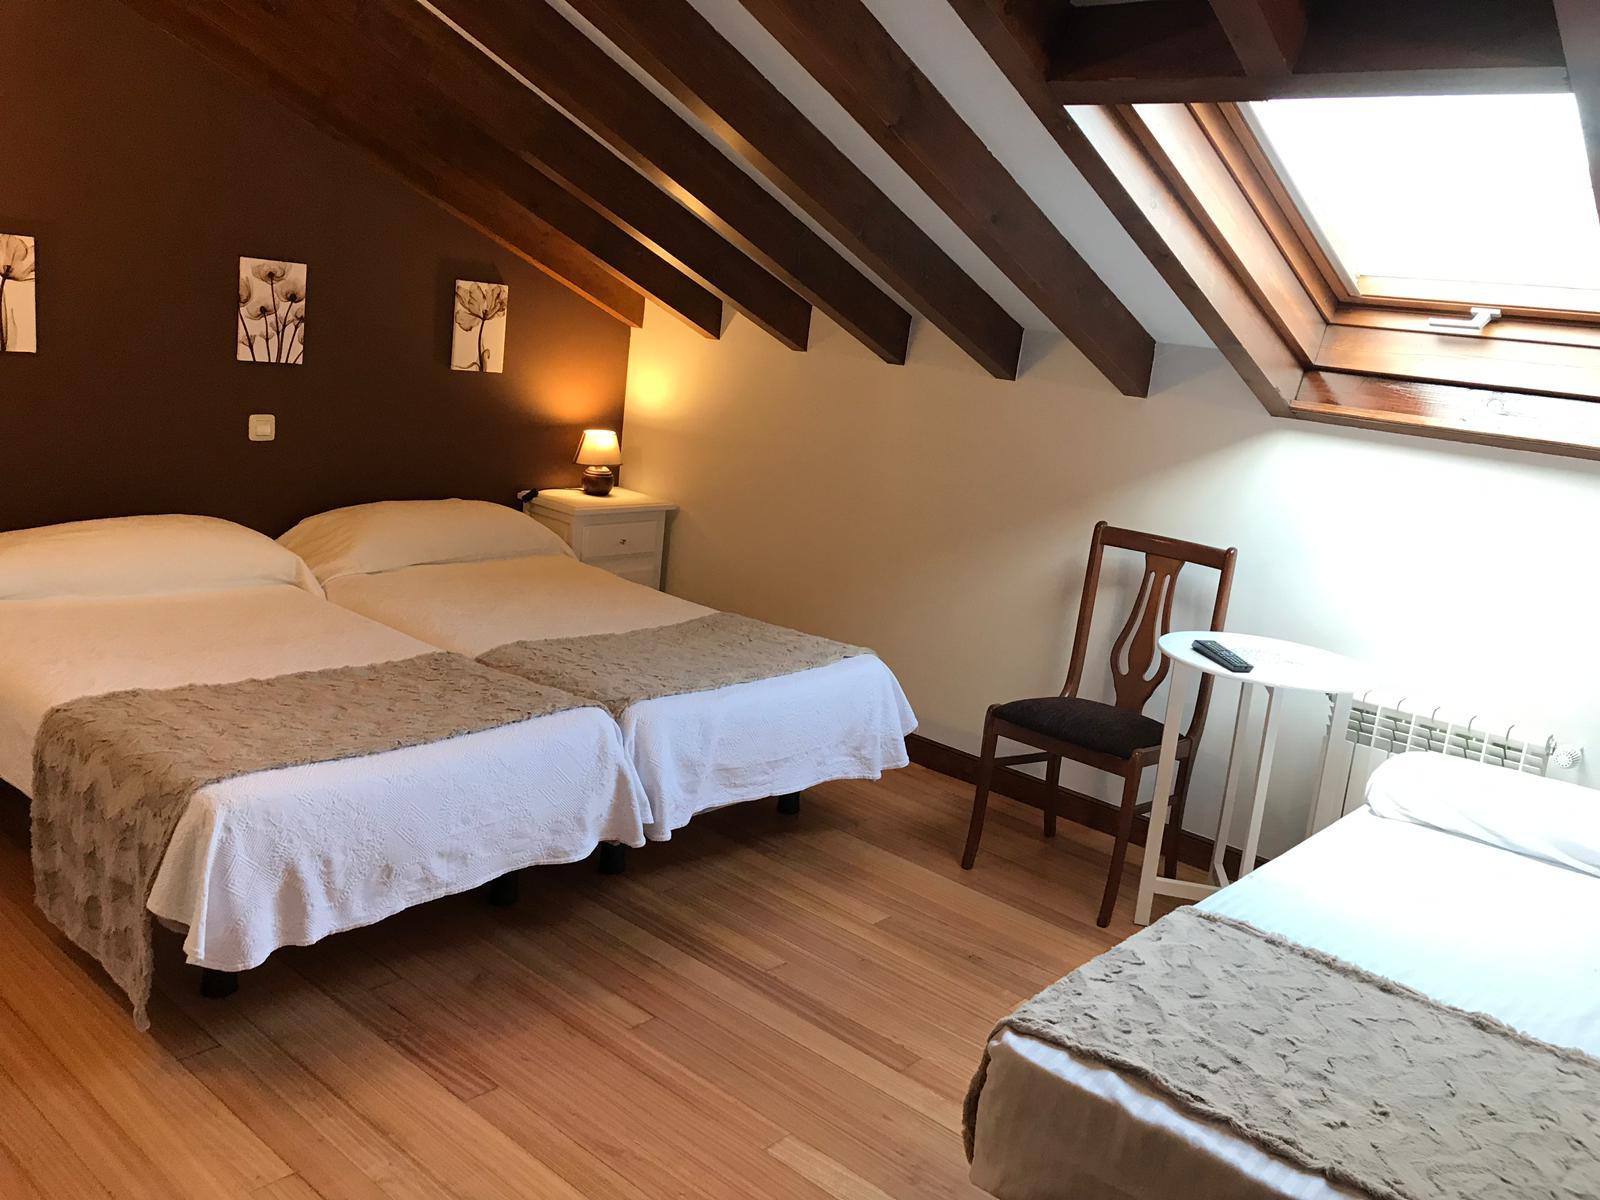 Habitacion doble con cama supletoria - la casona de abanillas - cantabria (3)